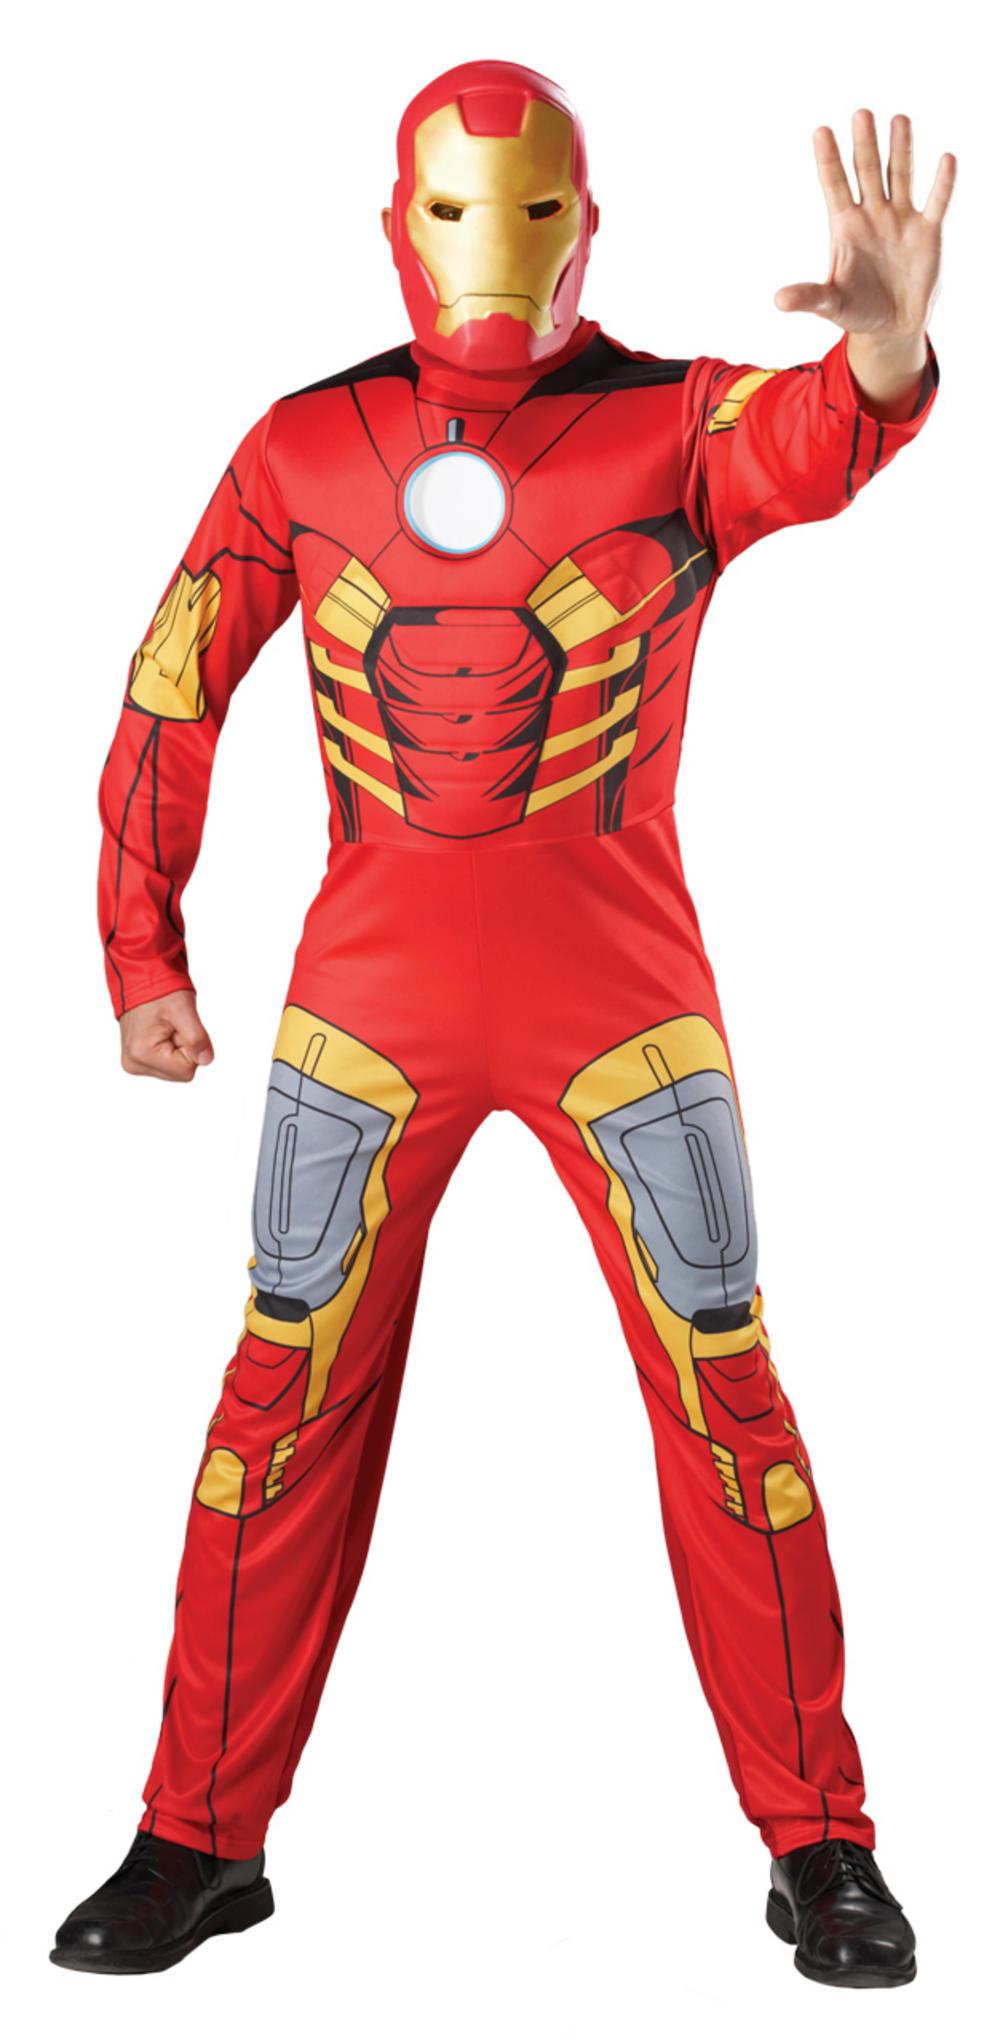 Deluxe Iron Man Avengers Costume